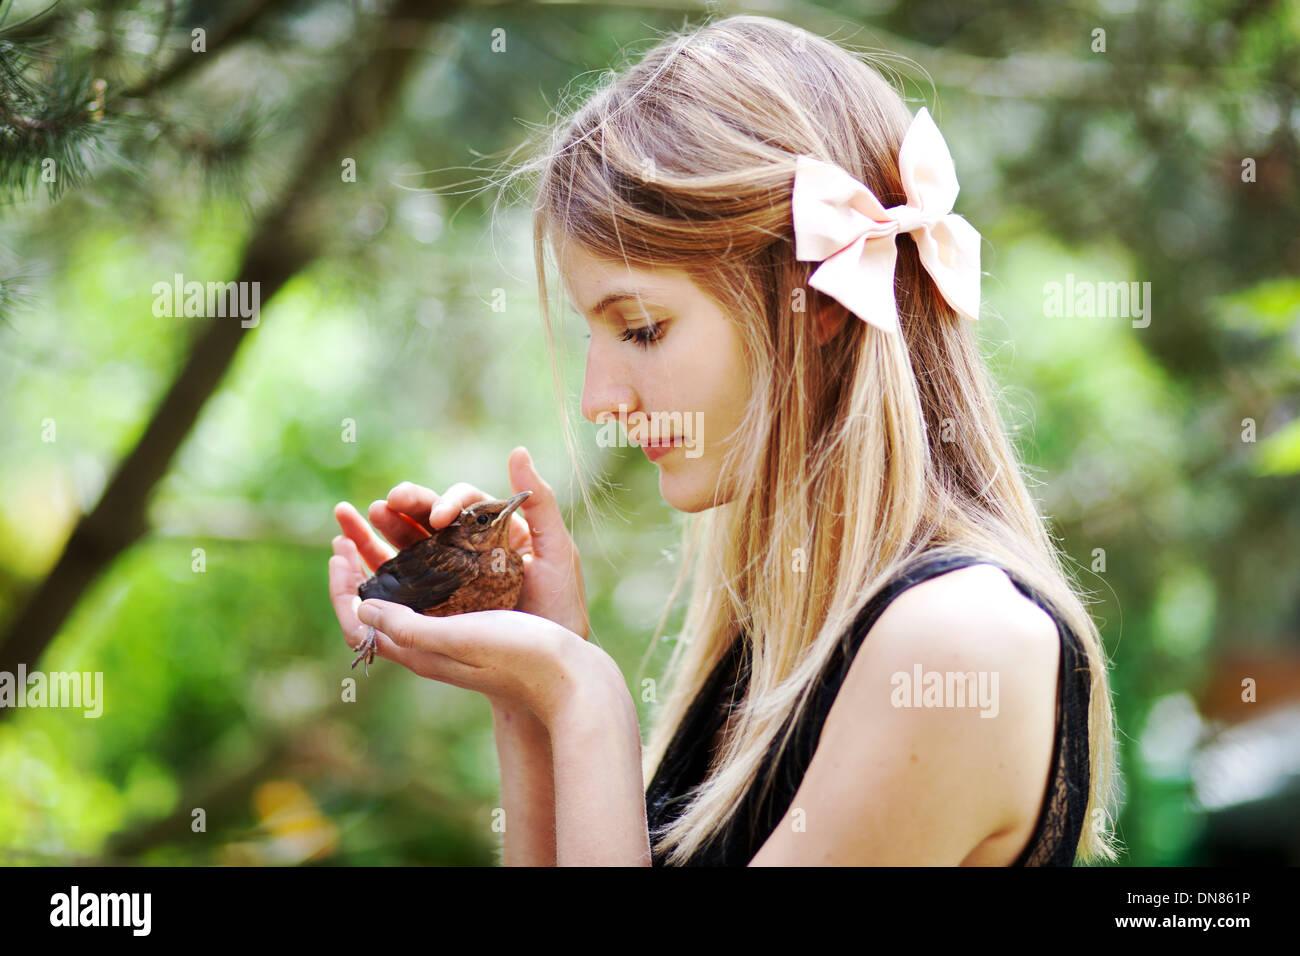 Chica con pájaro joven en la mano Imagen De Stock